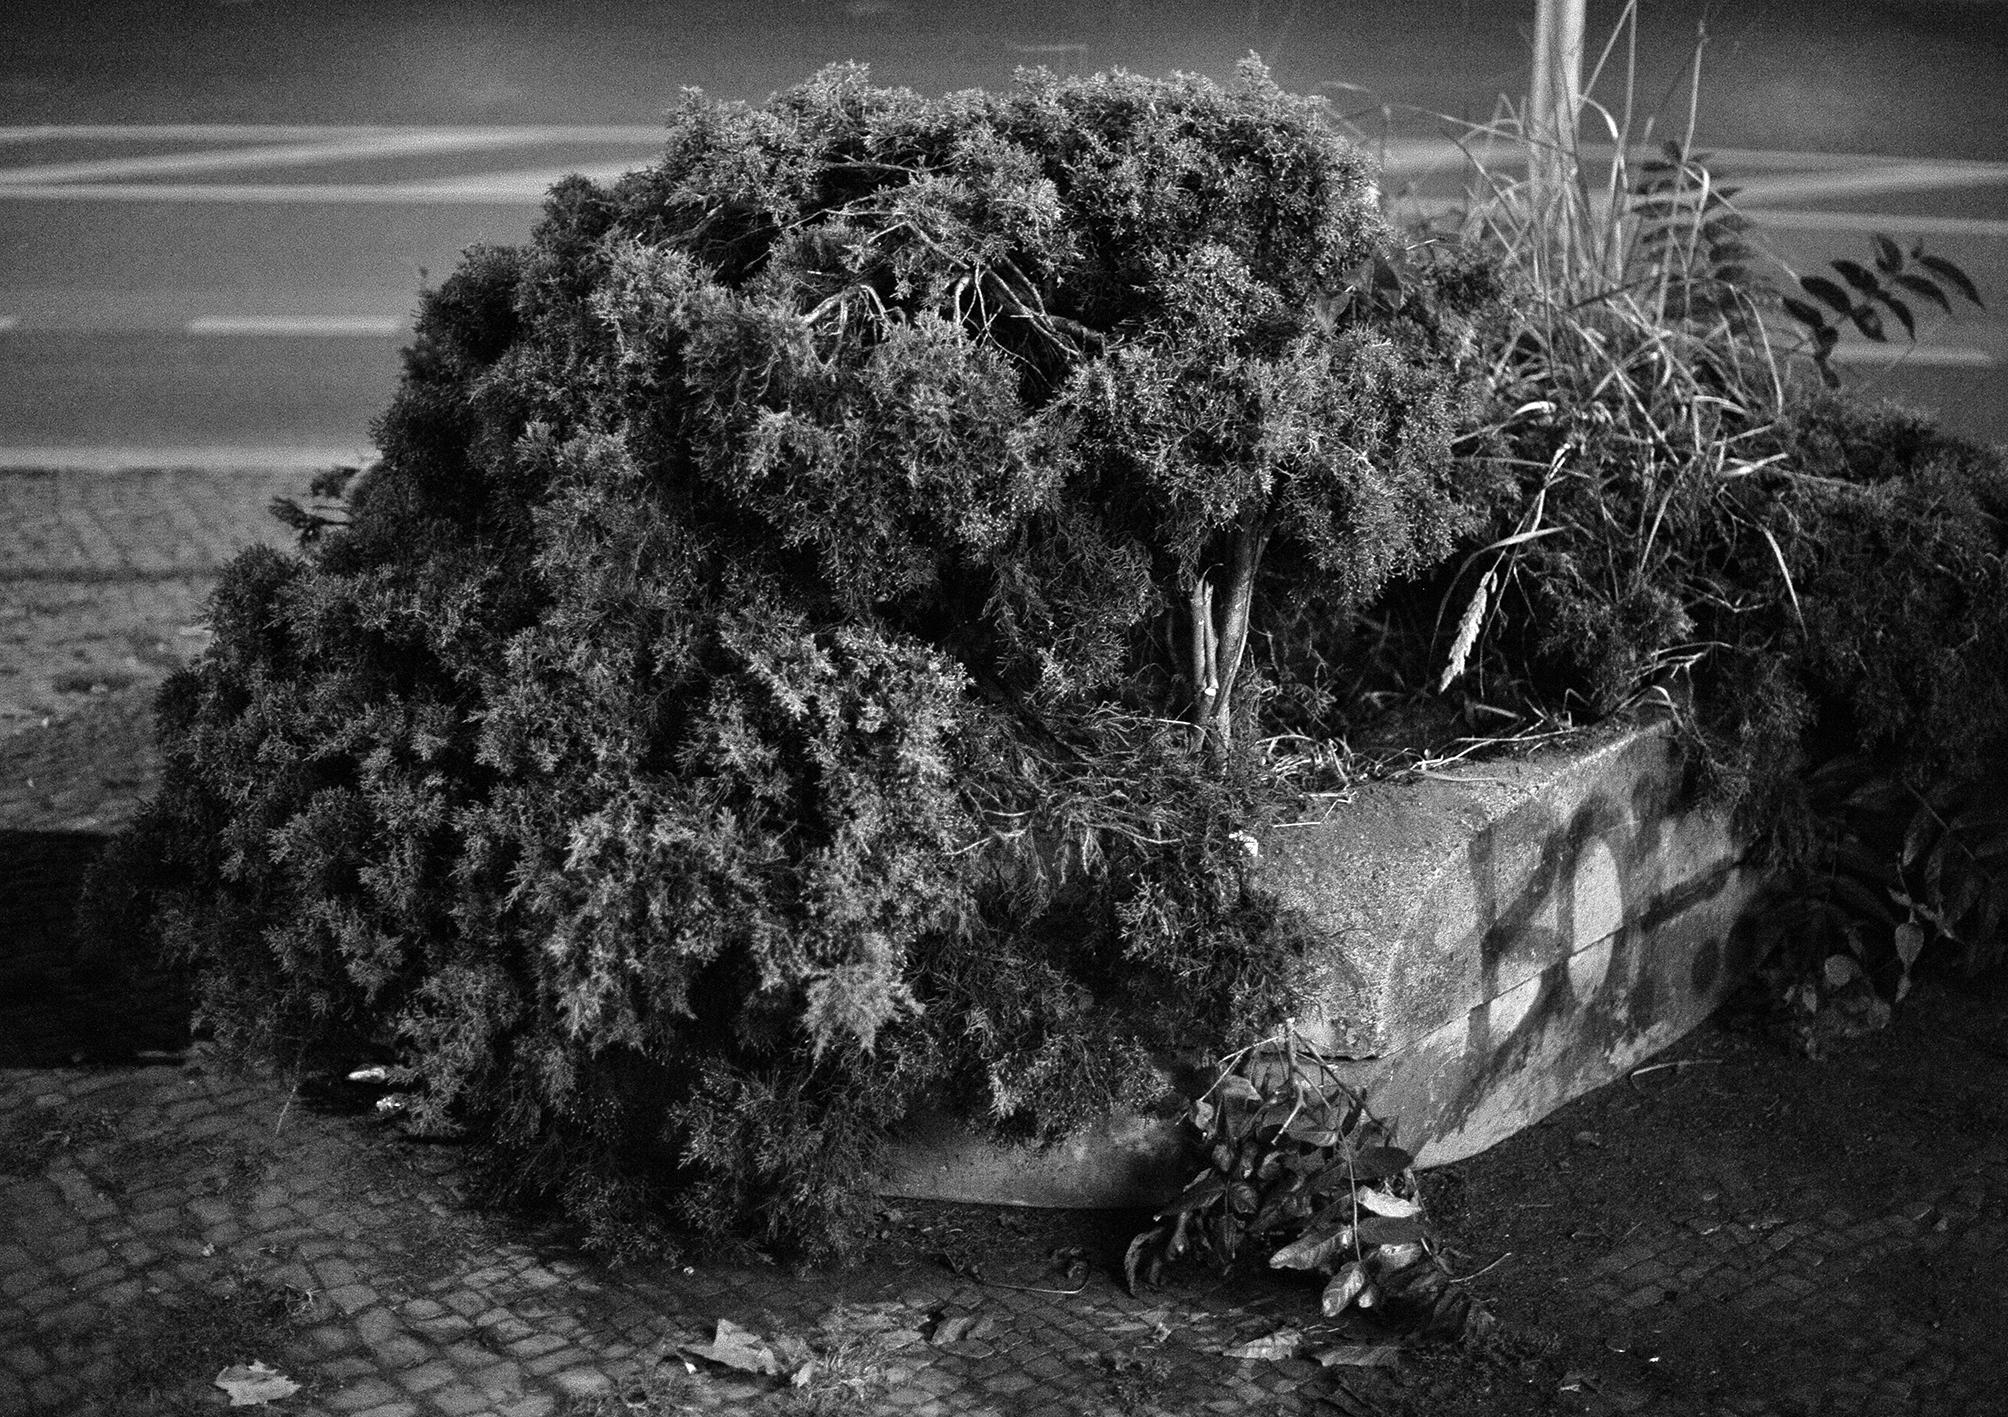 Ossian Fraser Der freie Platz (photo series), 2016